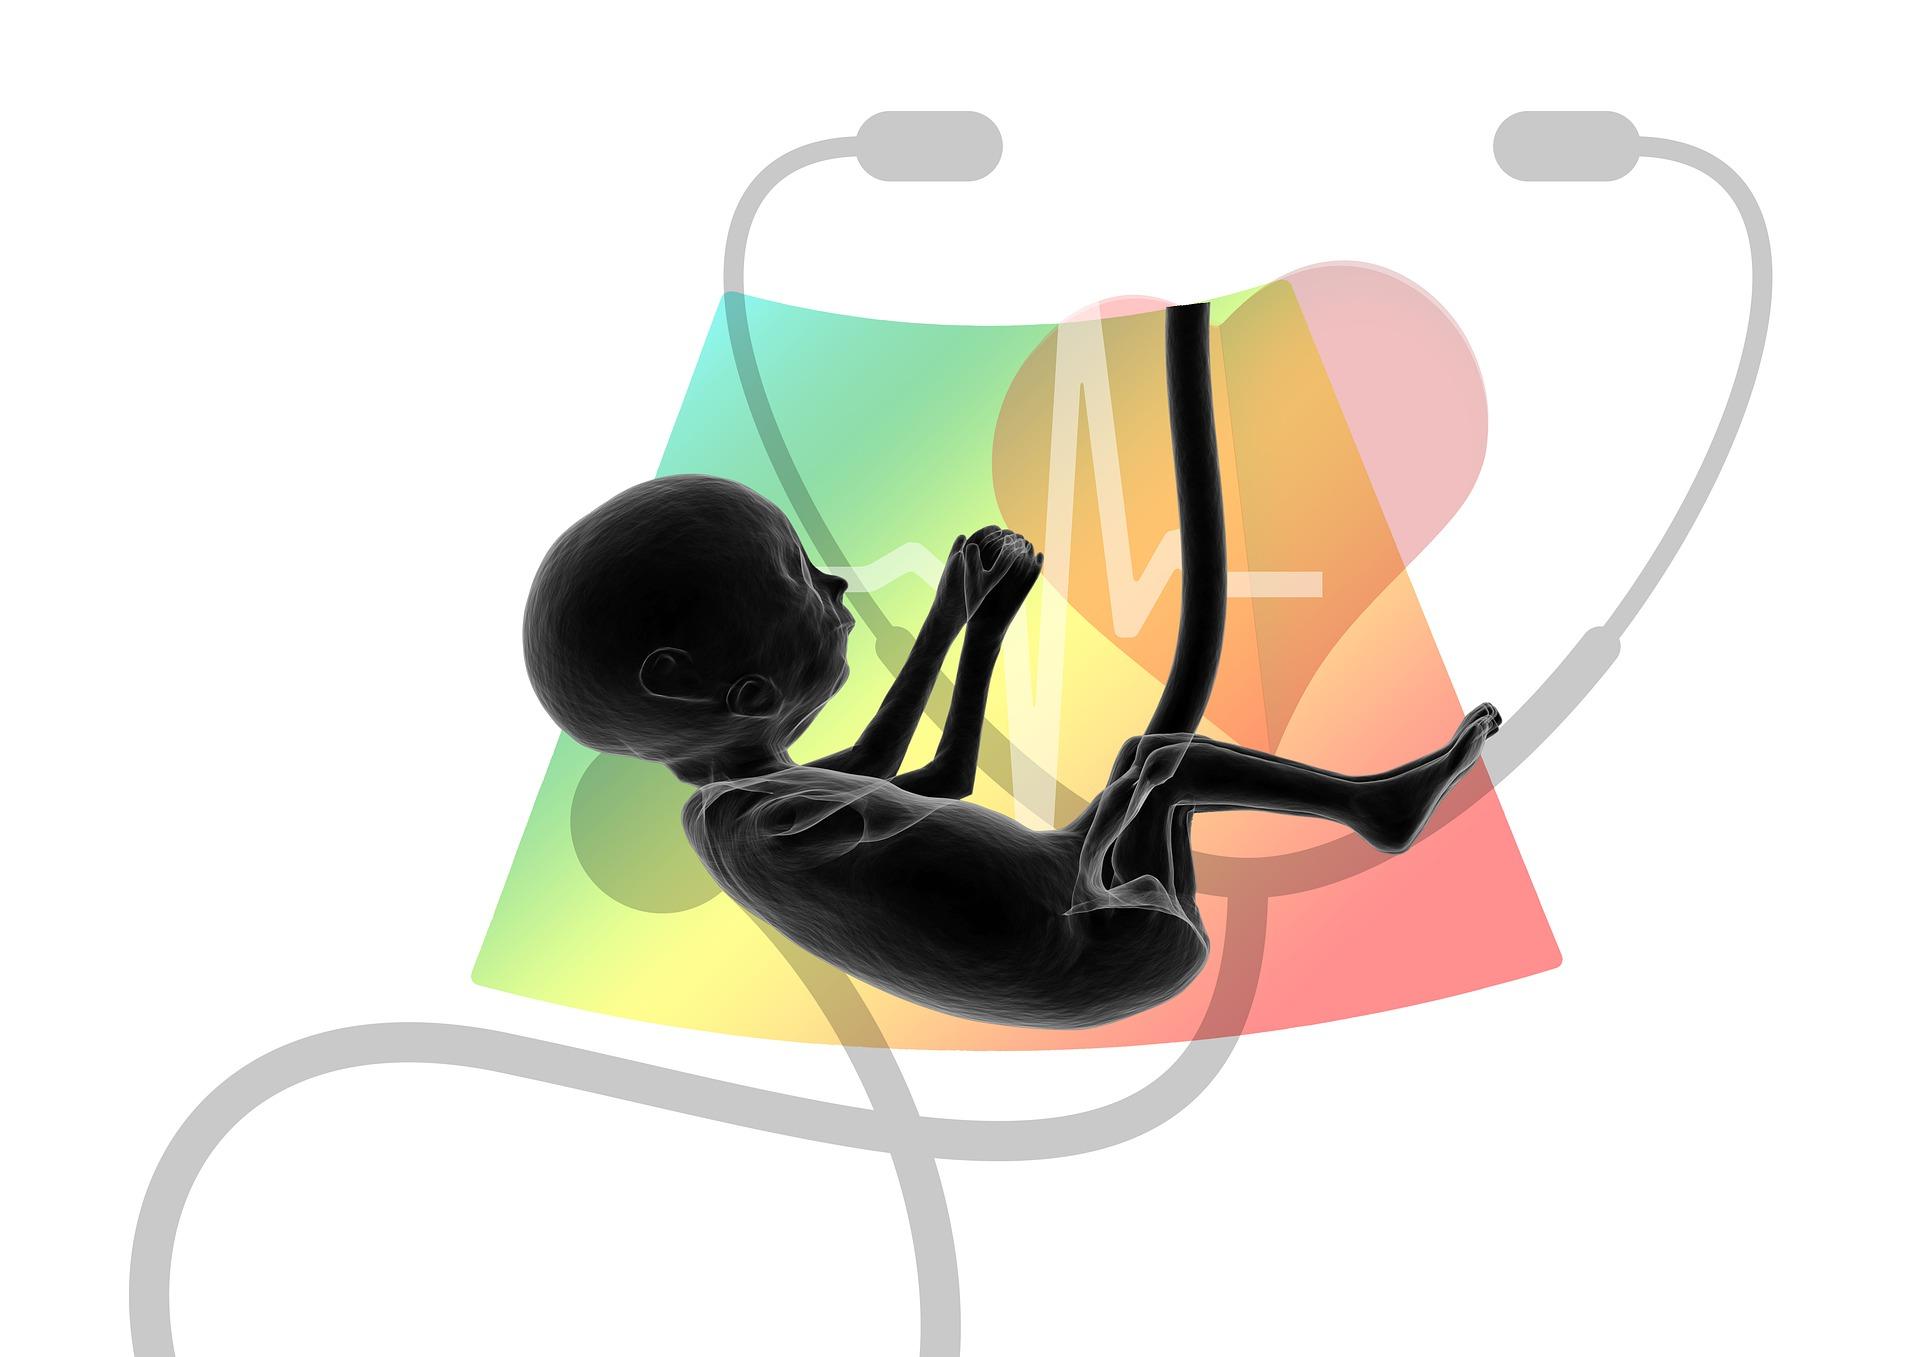 USG w ciąży – kiedy i jak często jewykonywać? Czy jest bezpieczne?